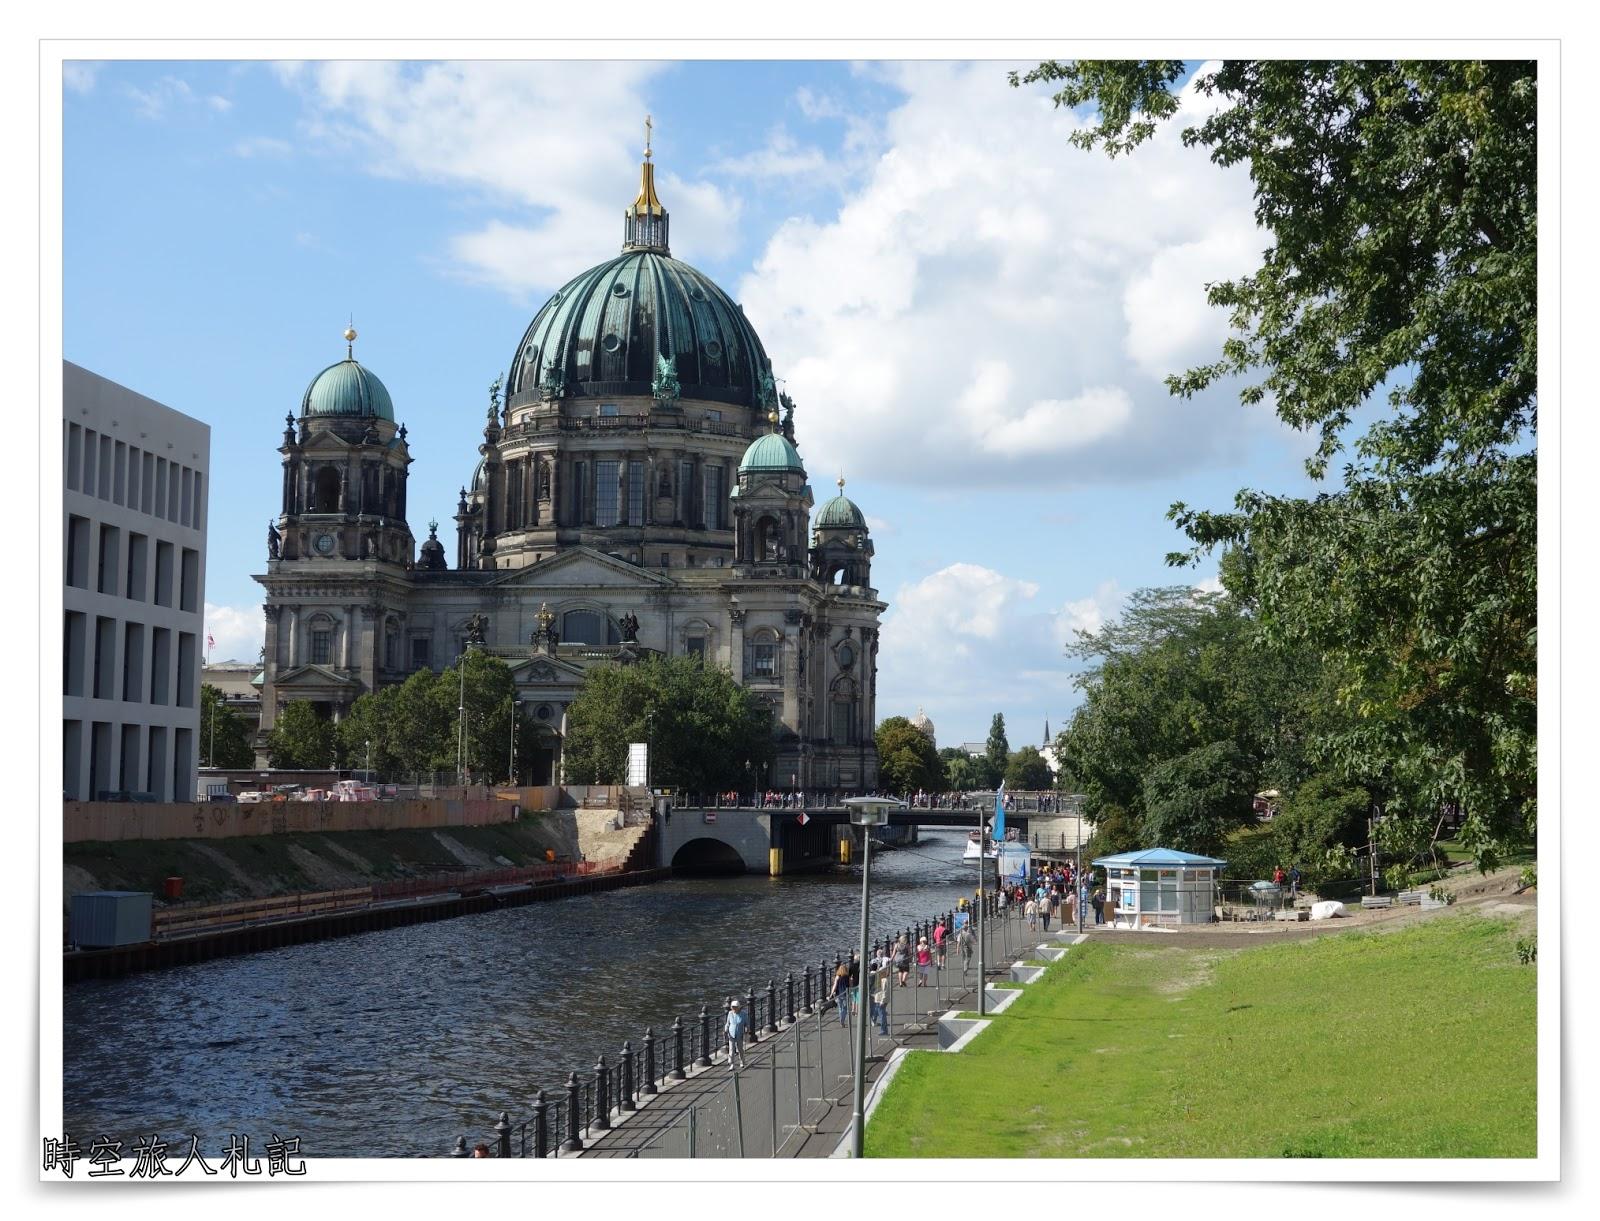 柏林景點(Part 1): 柏林電視塔、紅色市政廳、尼古拉教堂、博物館島